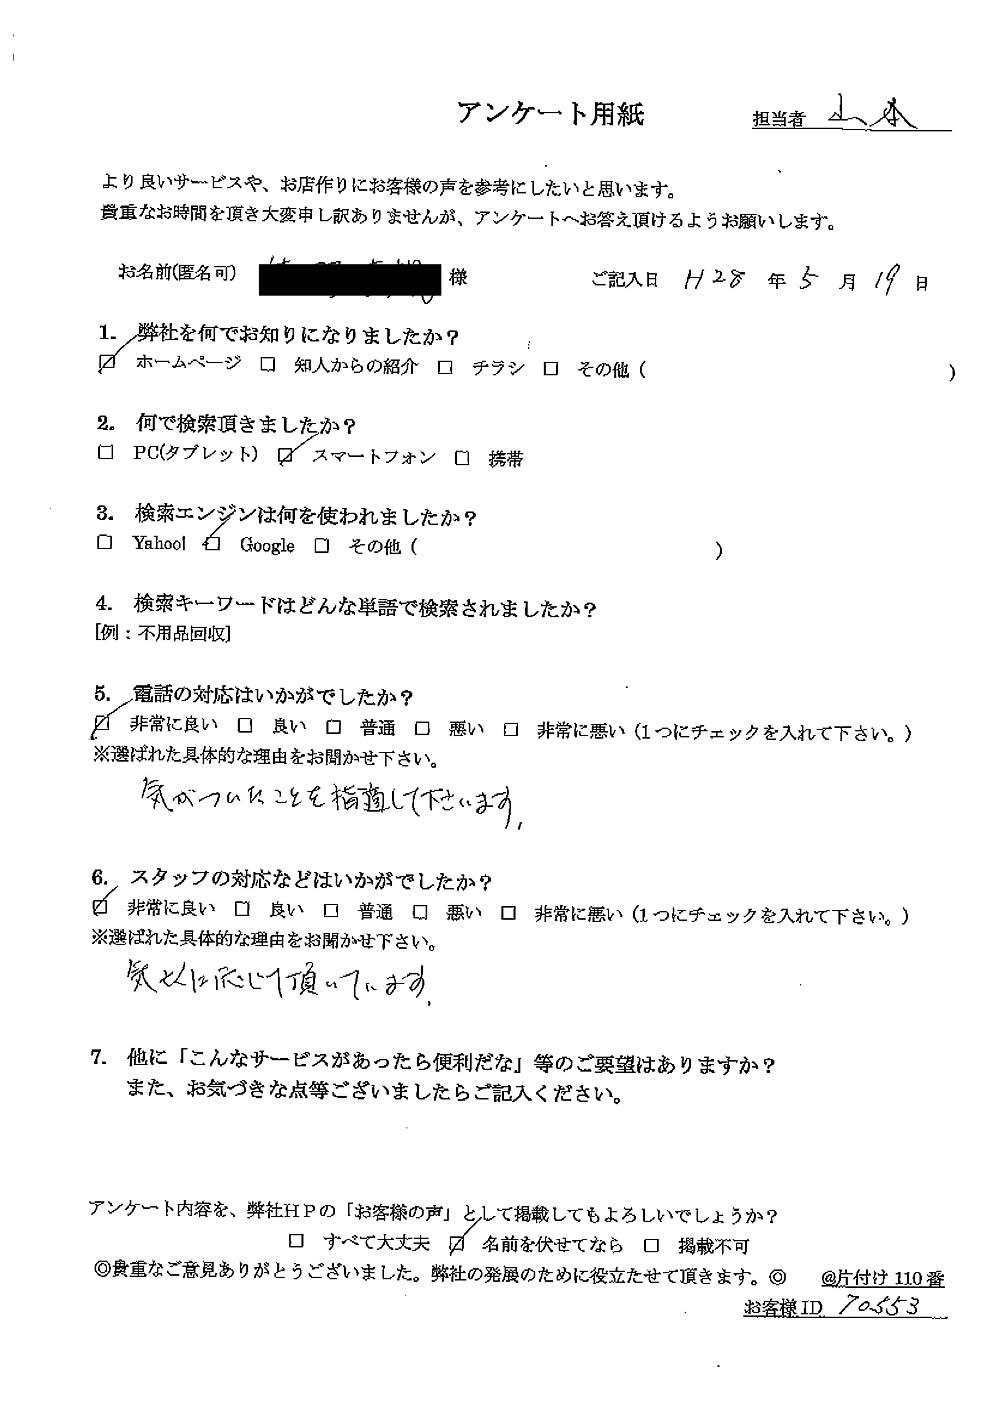 【平戸市】事務所の移転に伴う金庫の回収☆素早い対応にご満足いただけました!